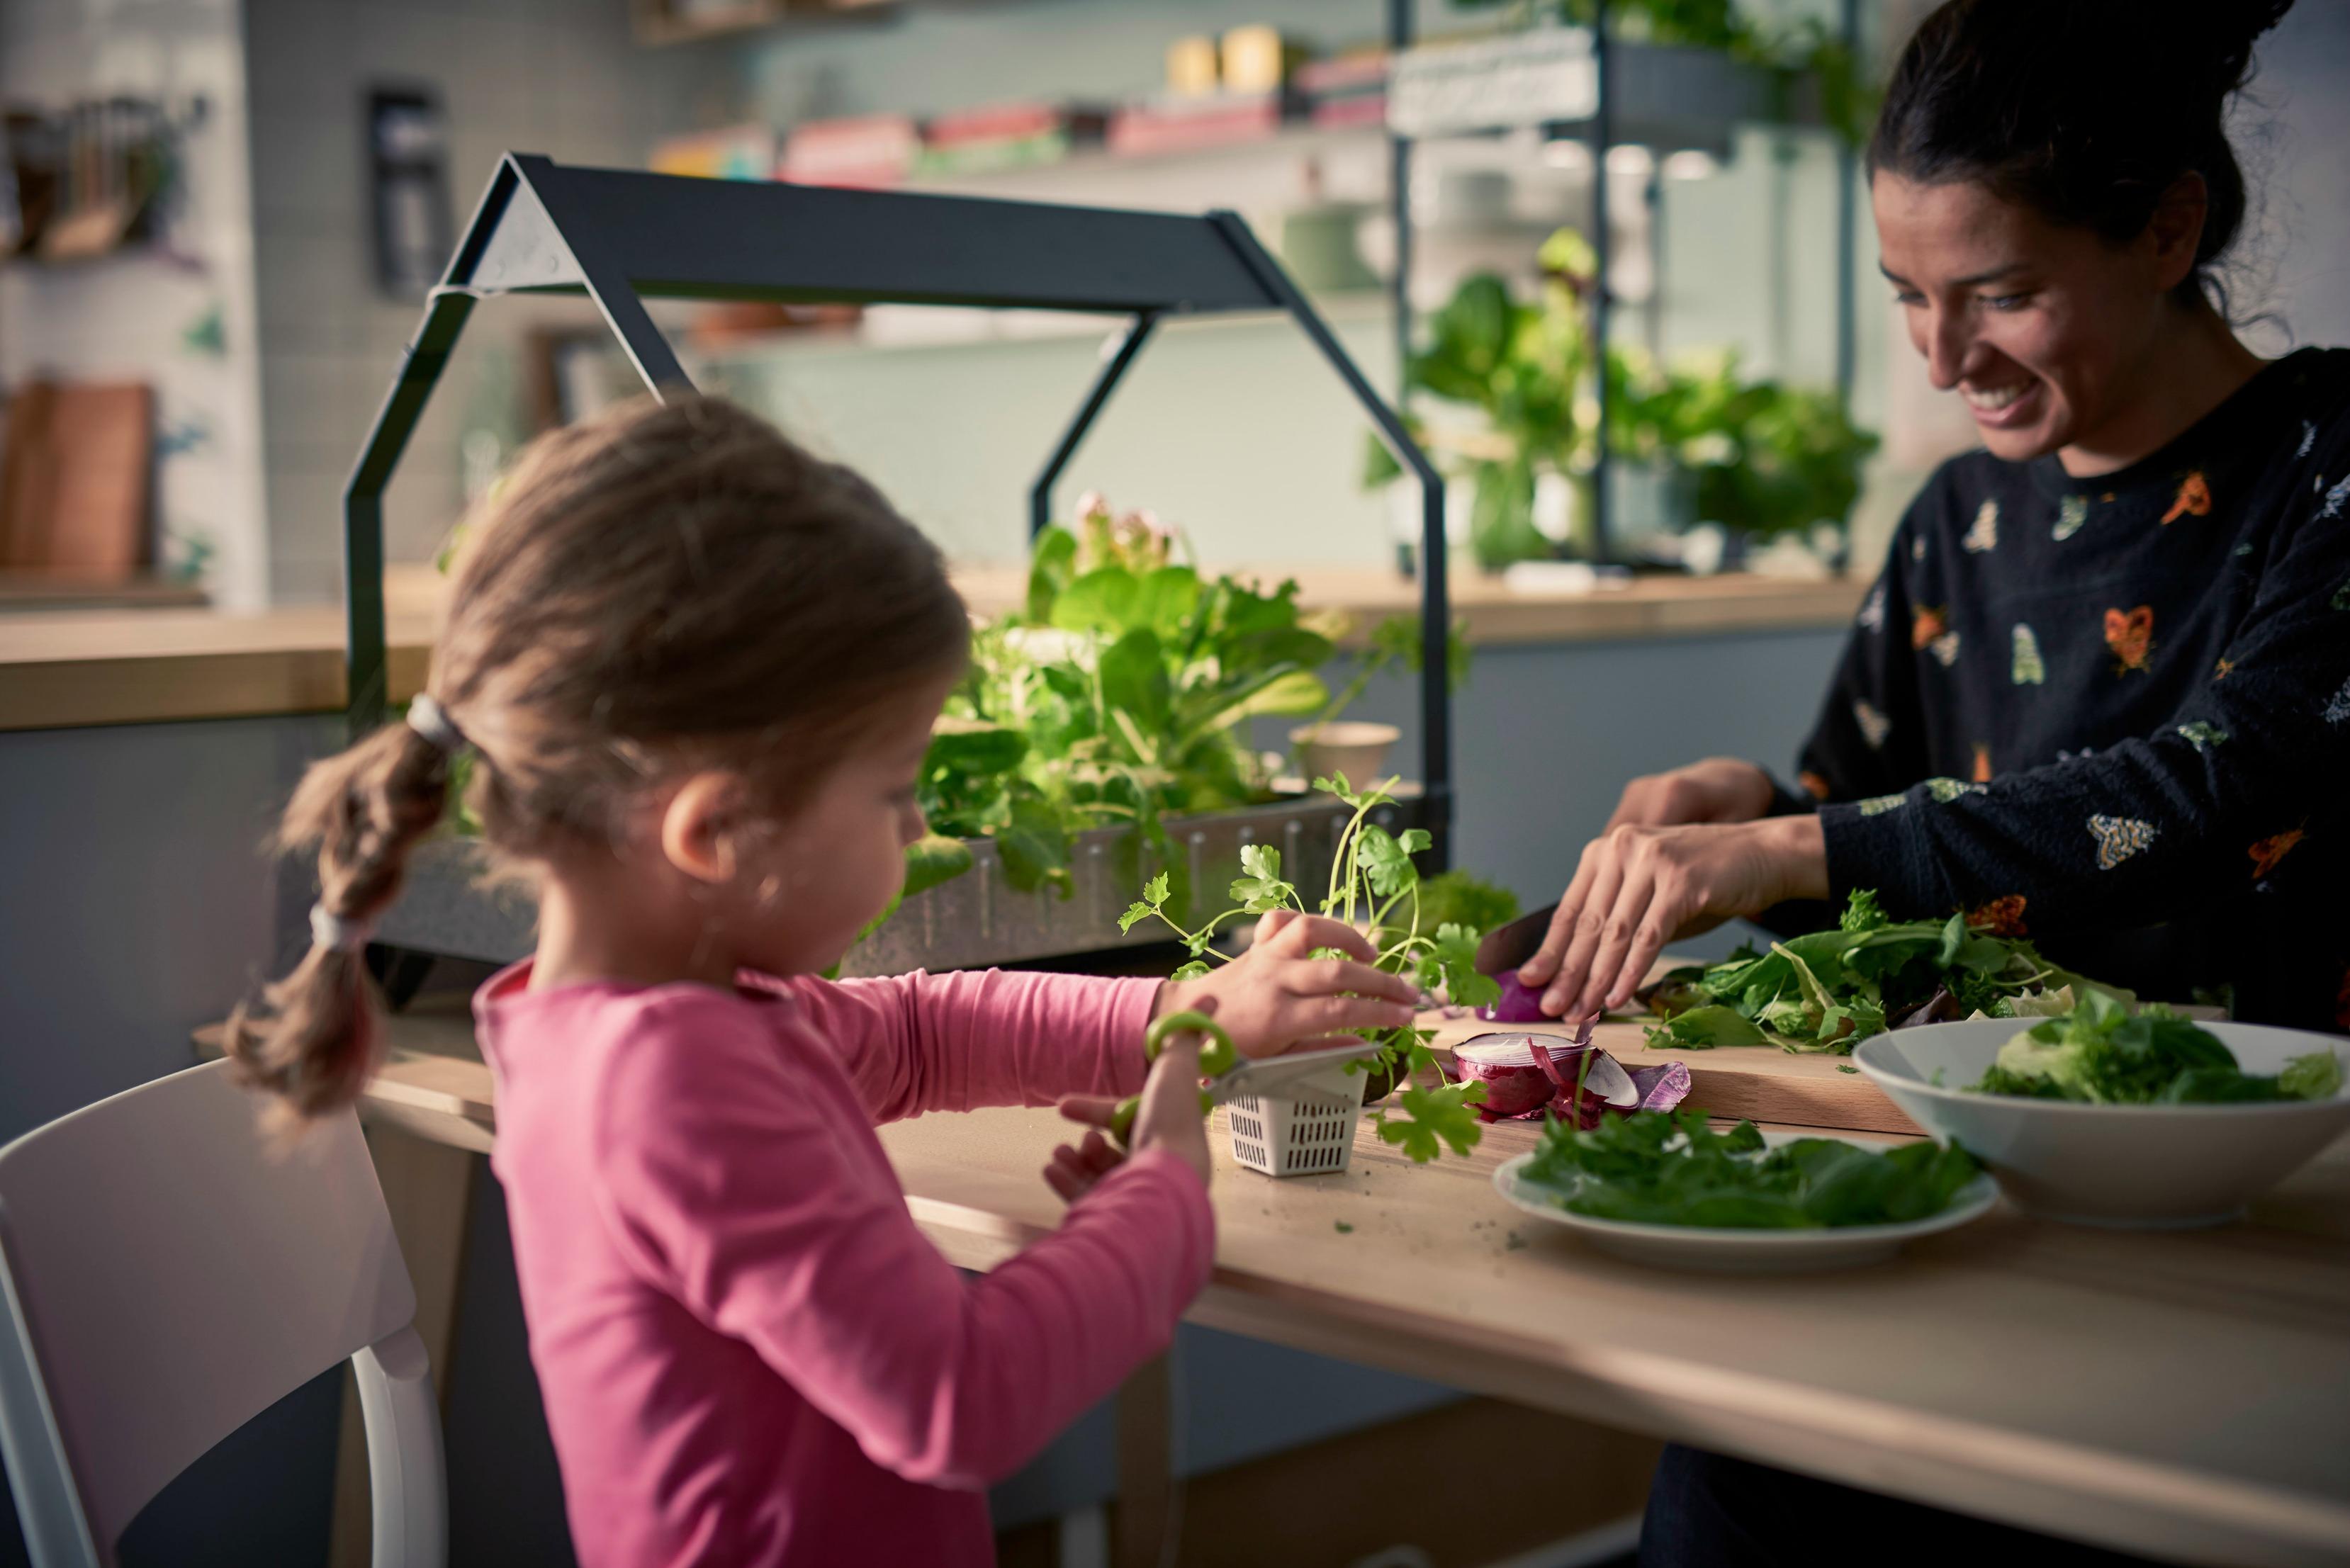 Ikea kinderkamer lampen: tweedehands ikea lamp voor de kinderkamer ...